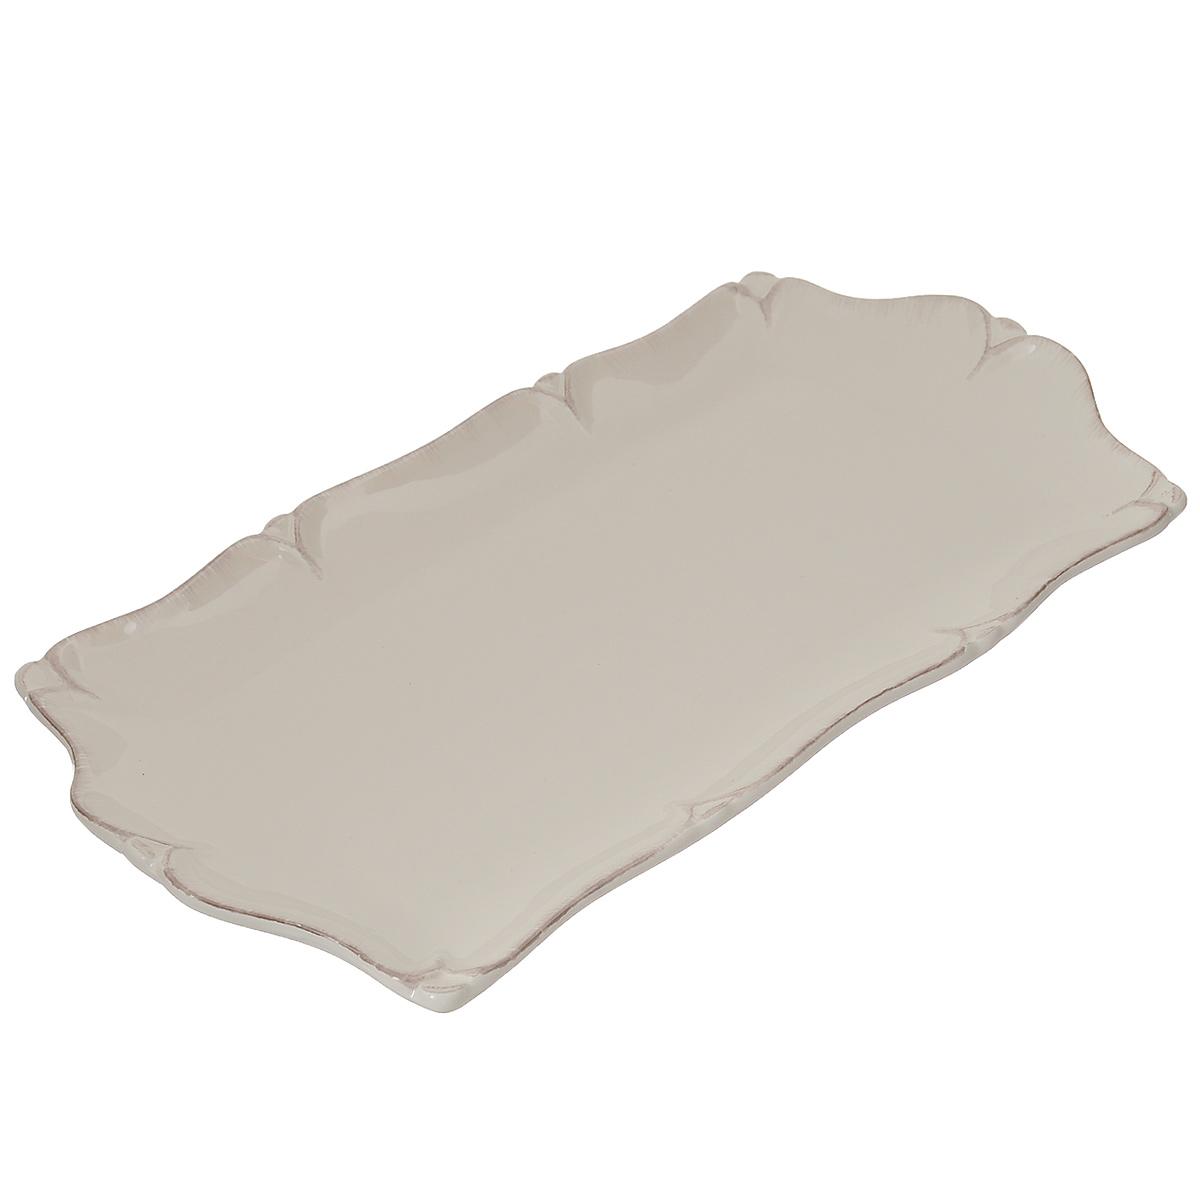 Набор блюд для нарезки Lillo Ideal, цвет: белый, 27,5 х 14 х 2,5 см, 2 предмета214209Блюдо для нарезки Lillo Ideal, изготовленное из высококачественной керамики, оформлено рельефным краем. Такое блюдо сочетает в себе изысканный дизайн с максимальной функциональностью. Оригинальность оформления придется по вкусу тем, кто предпочитает утонченность и изящность. Красивое блюдо украсит сервировку вашего стола и подчеркнет прекрасный вкус хозяйки, а также станет отличным подарком. Размер: 27,5 см х 14 см х 2,5 см.